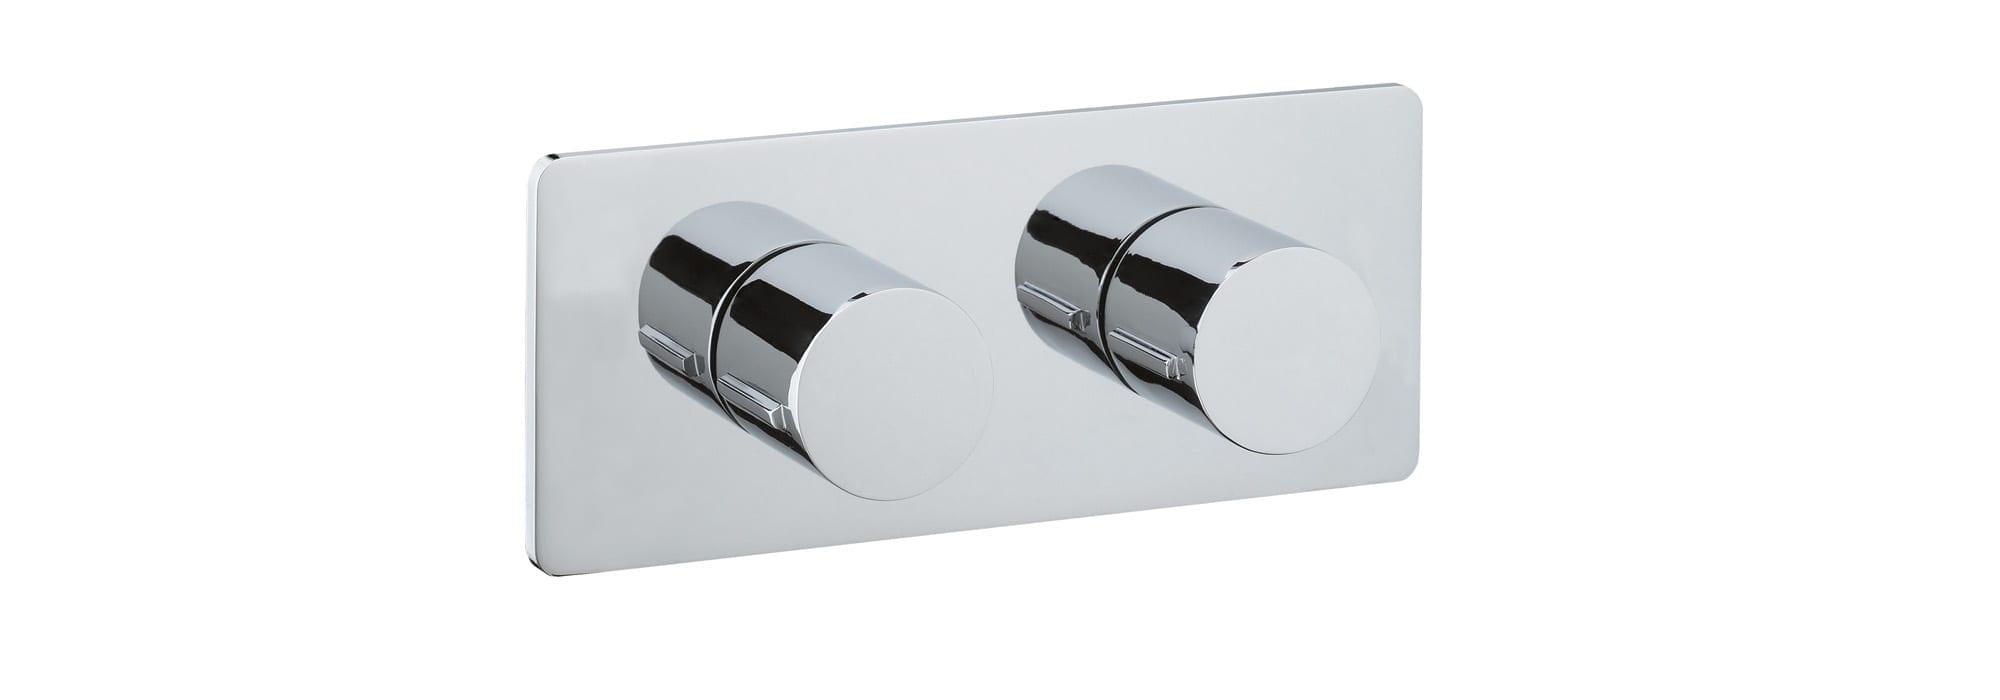 אינטרפוץ למקלחת 3 דרך,כרום – T10.42.01 by Milstone